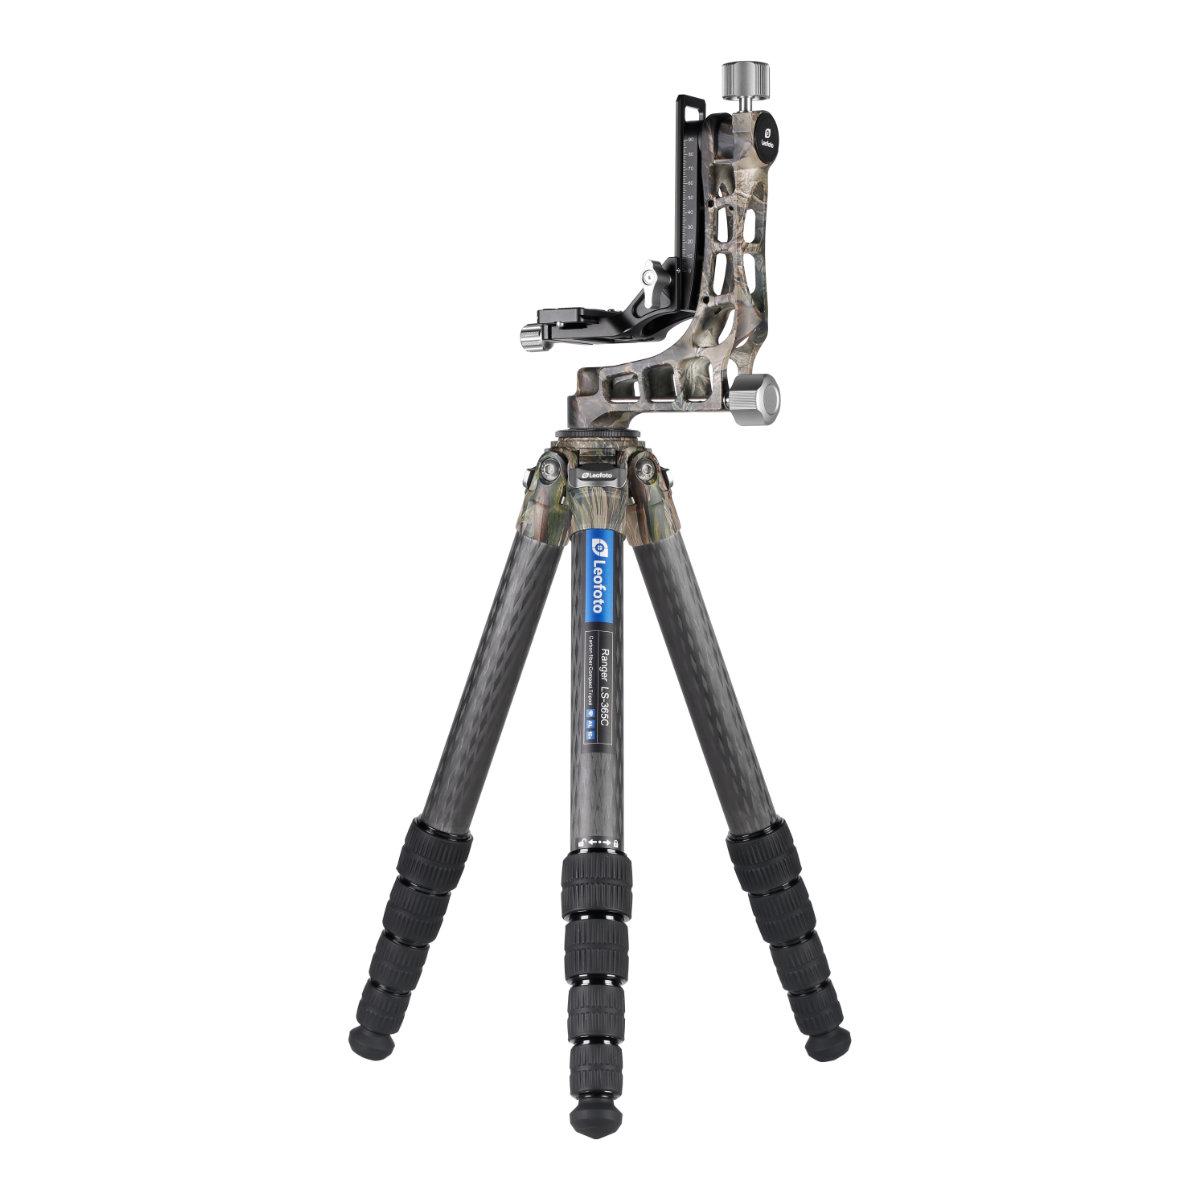 Leofoto カーボン三脚+ジンバル雲台セット LS-365C+PG-1(C) カモフラージュ 5段 脚径36mm レンジャーシリーズ 迷彩 レオフォト 送料無料